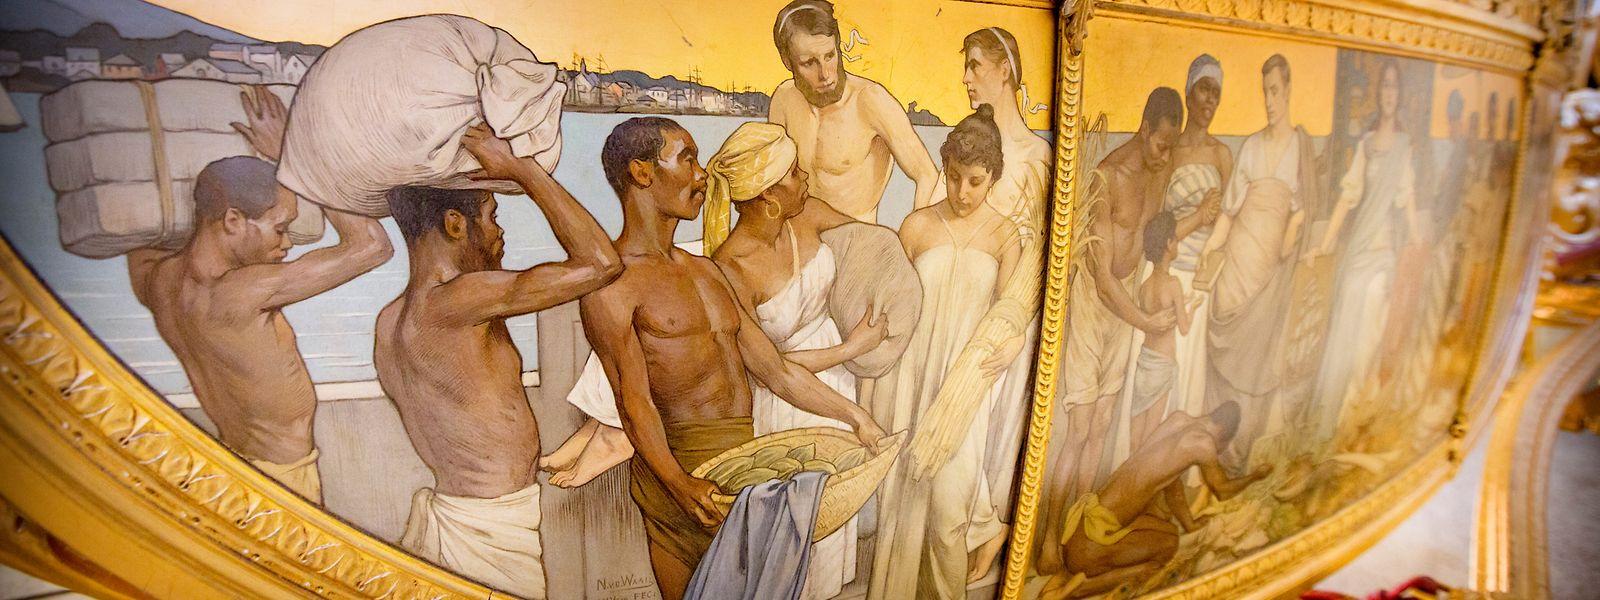 Über die Sklaven-Darstellungen auf der Goldenen Kutsche wird derzeit besonders heftig diskutiert.